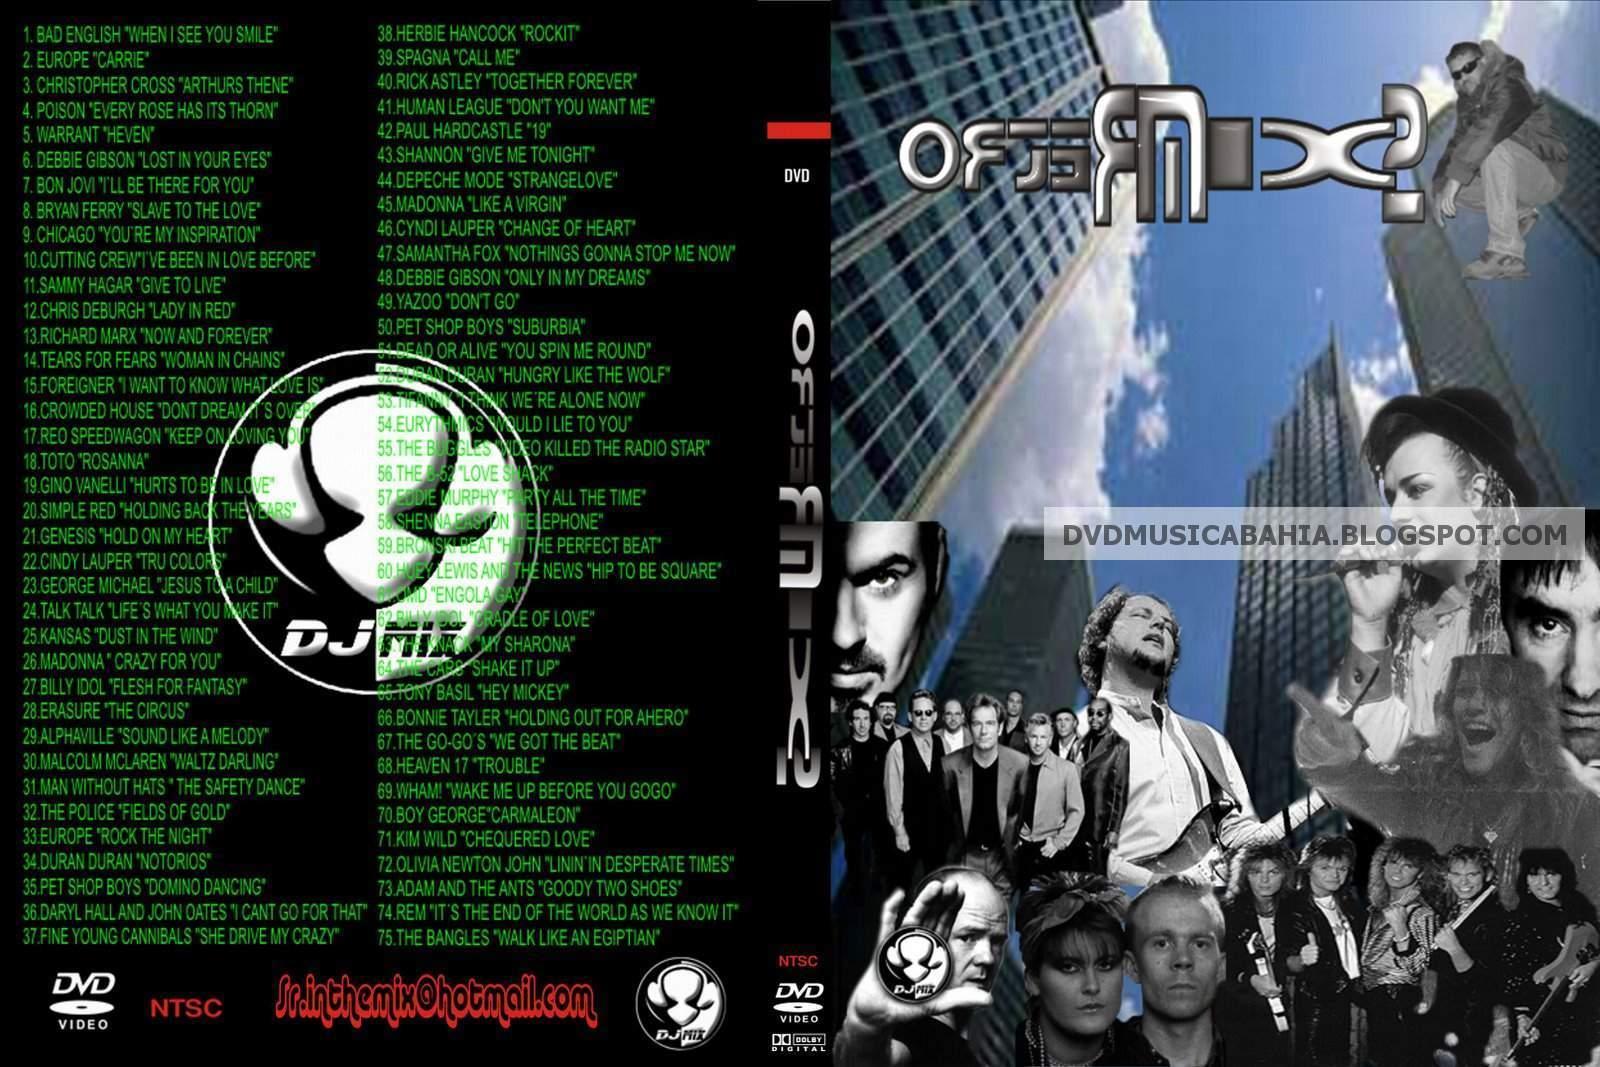 http://3.bp.blogspot.com/_PiUVny6RPwY/TUAoYJGlx7I/AAAAAAAABaw/JDUlKC6FK0M/s1600/RetroMix+Vol+2+DVD.JPG